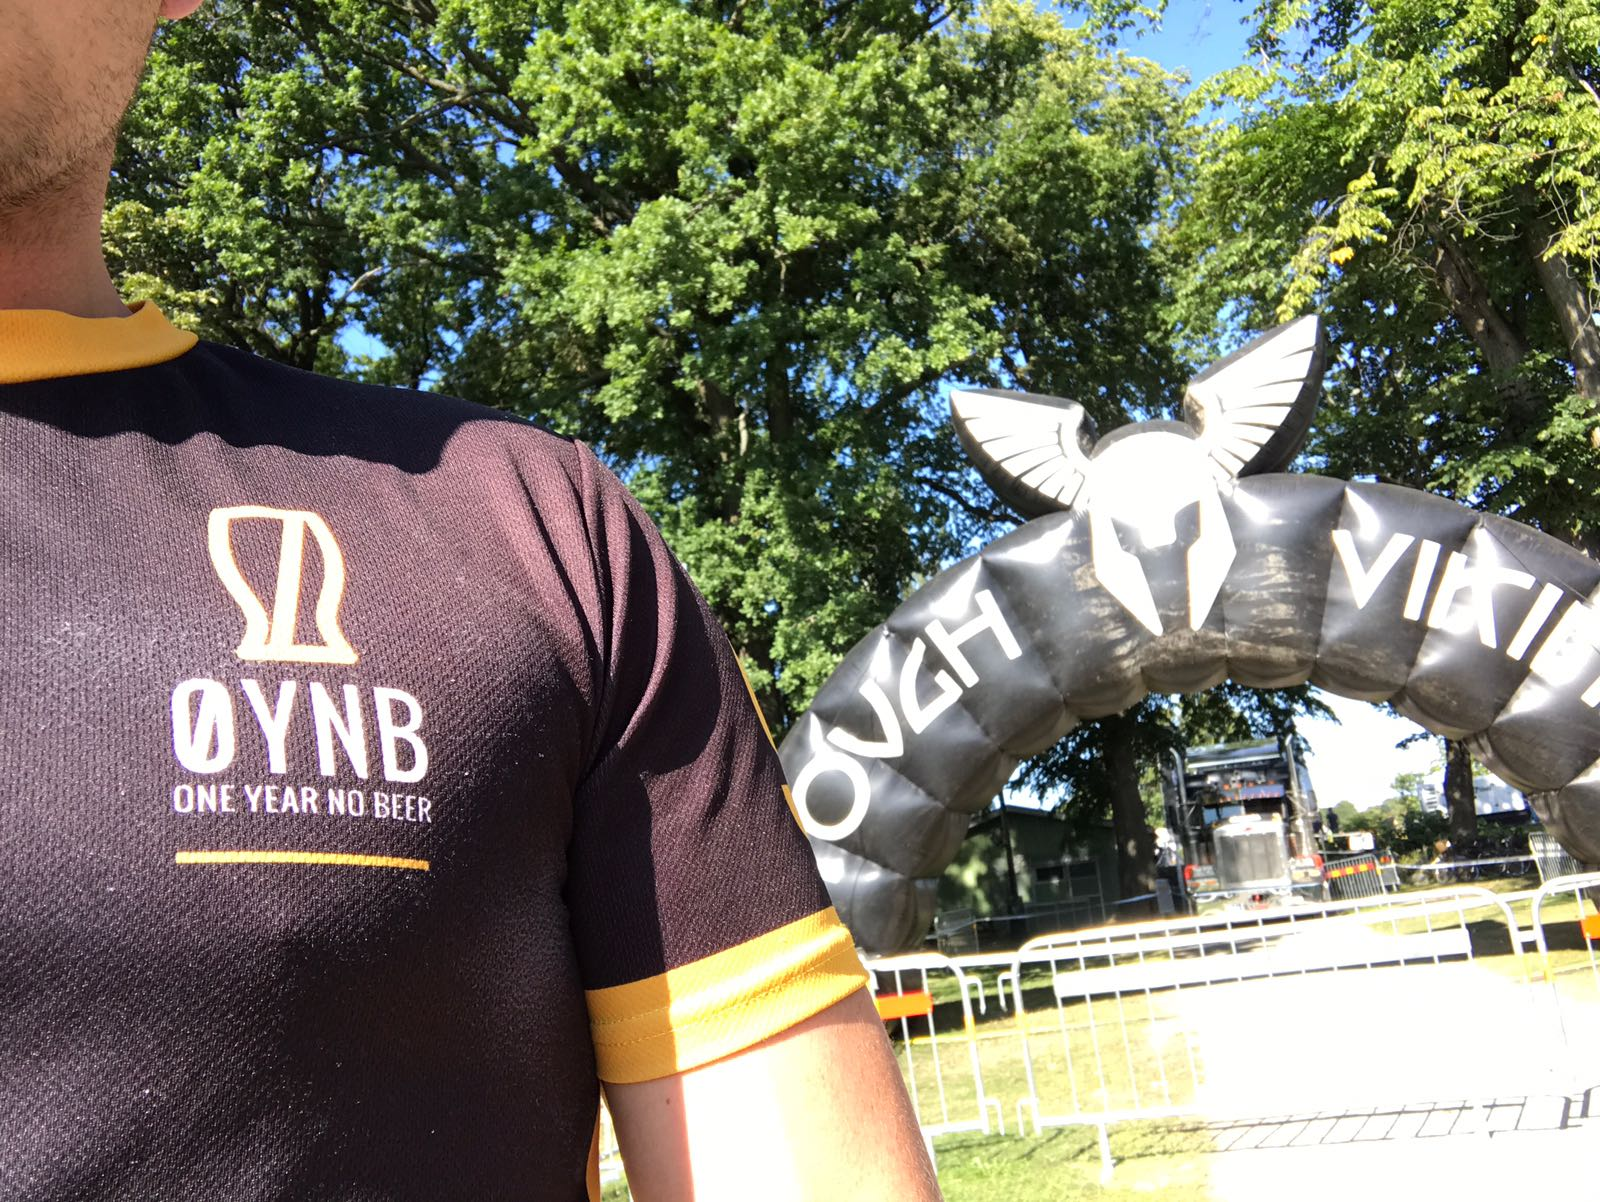 Tough Viking & OYNB